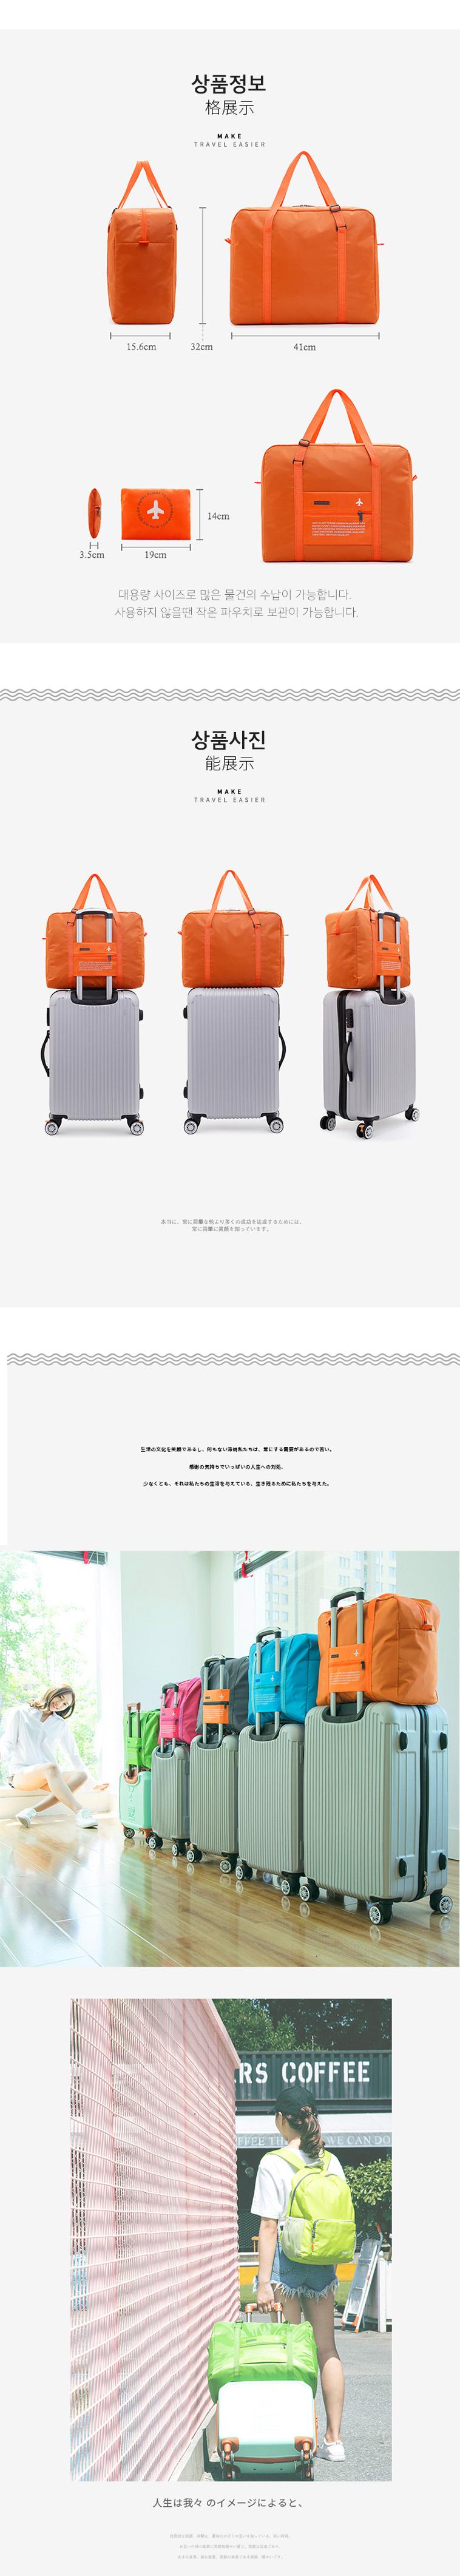 캐리어 보조가방 여행보조가방 - 부자오빠, 6,500원, 크로스/숄더백, 숄더백